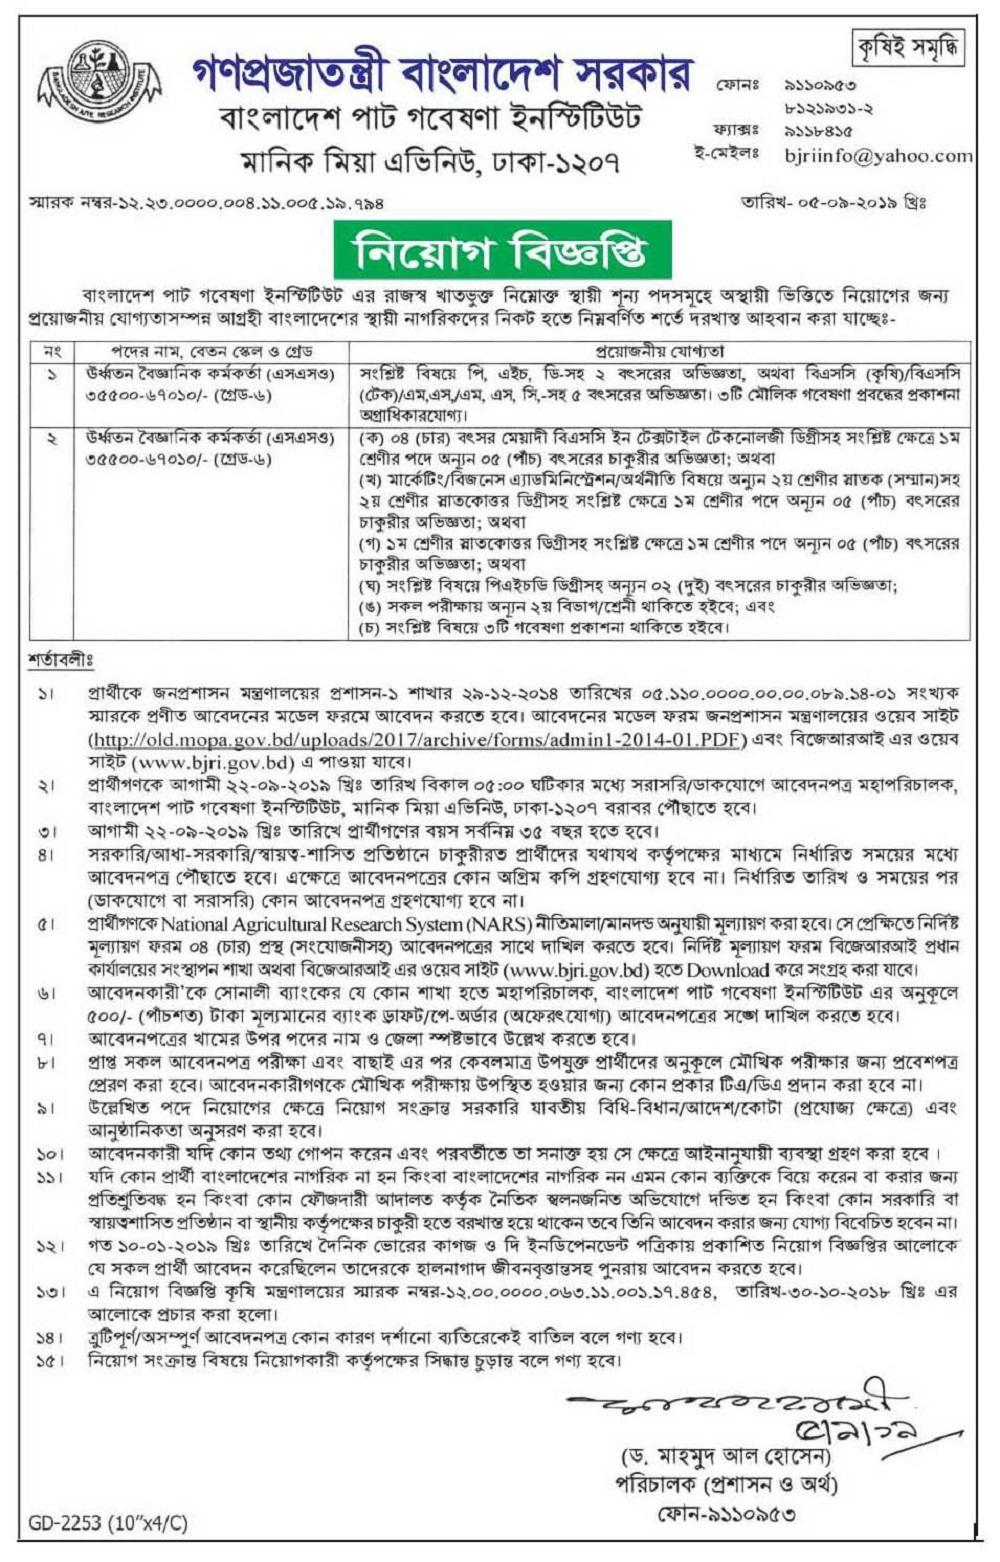 Bangladesh Jute Research Institute Job Circular 2019